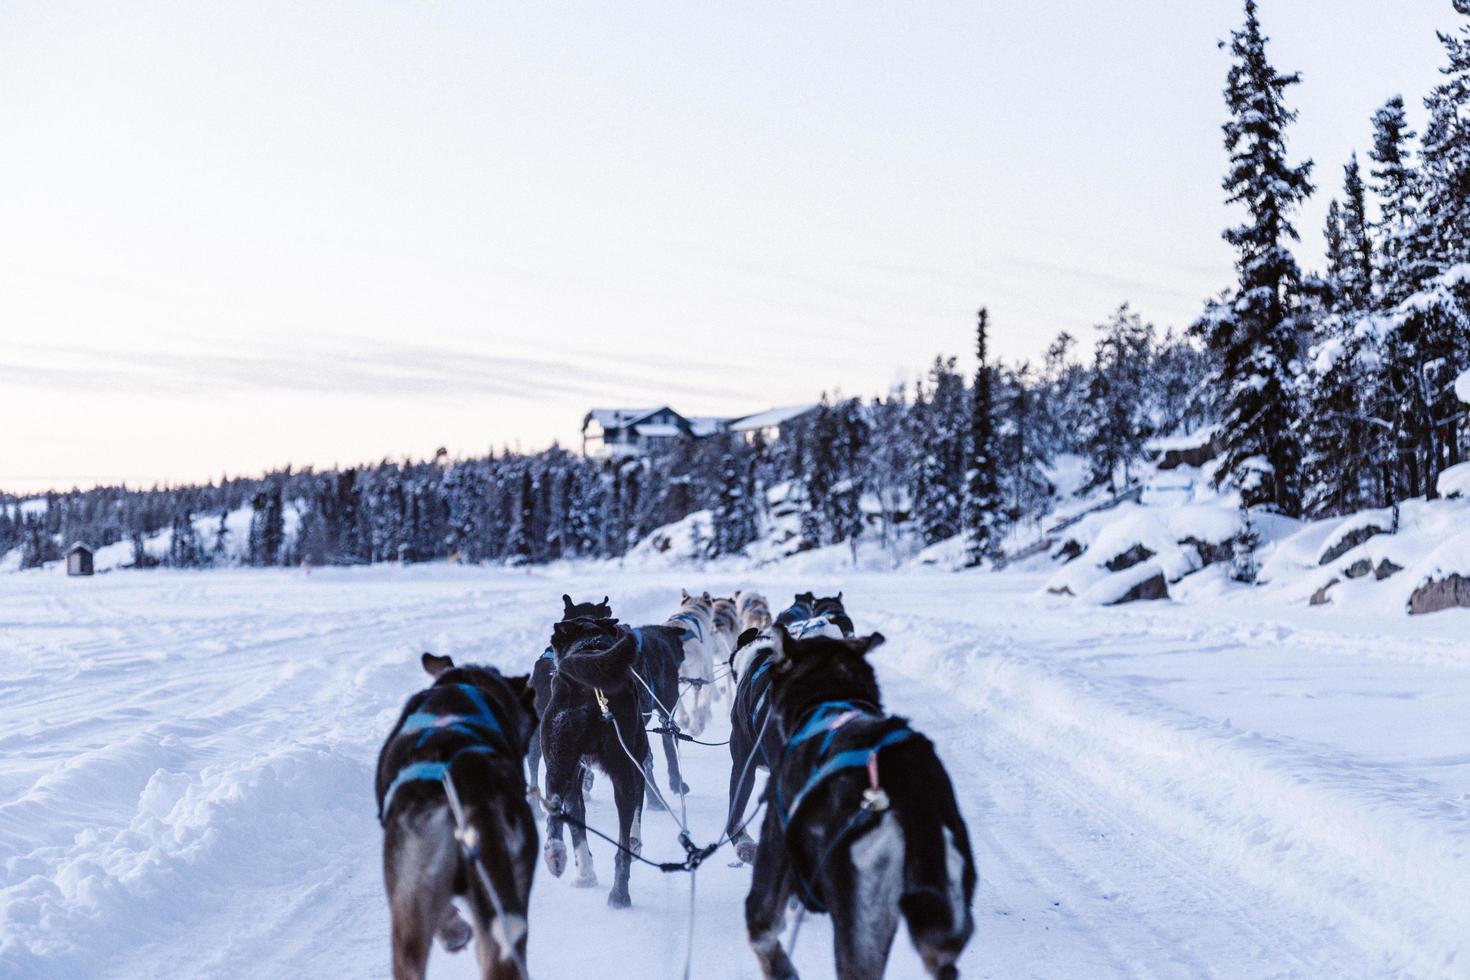 Pack de loups en traîneau sur sol enneigé photo